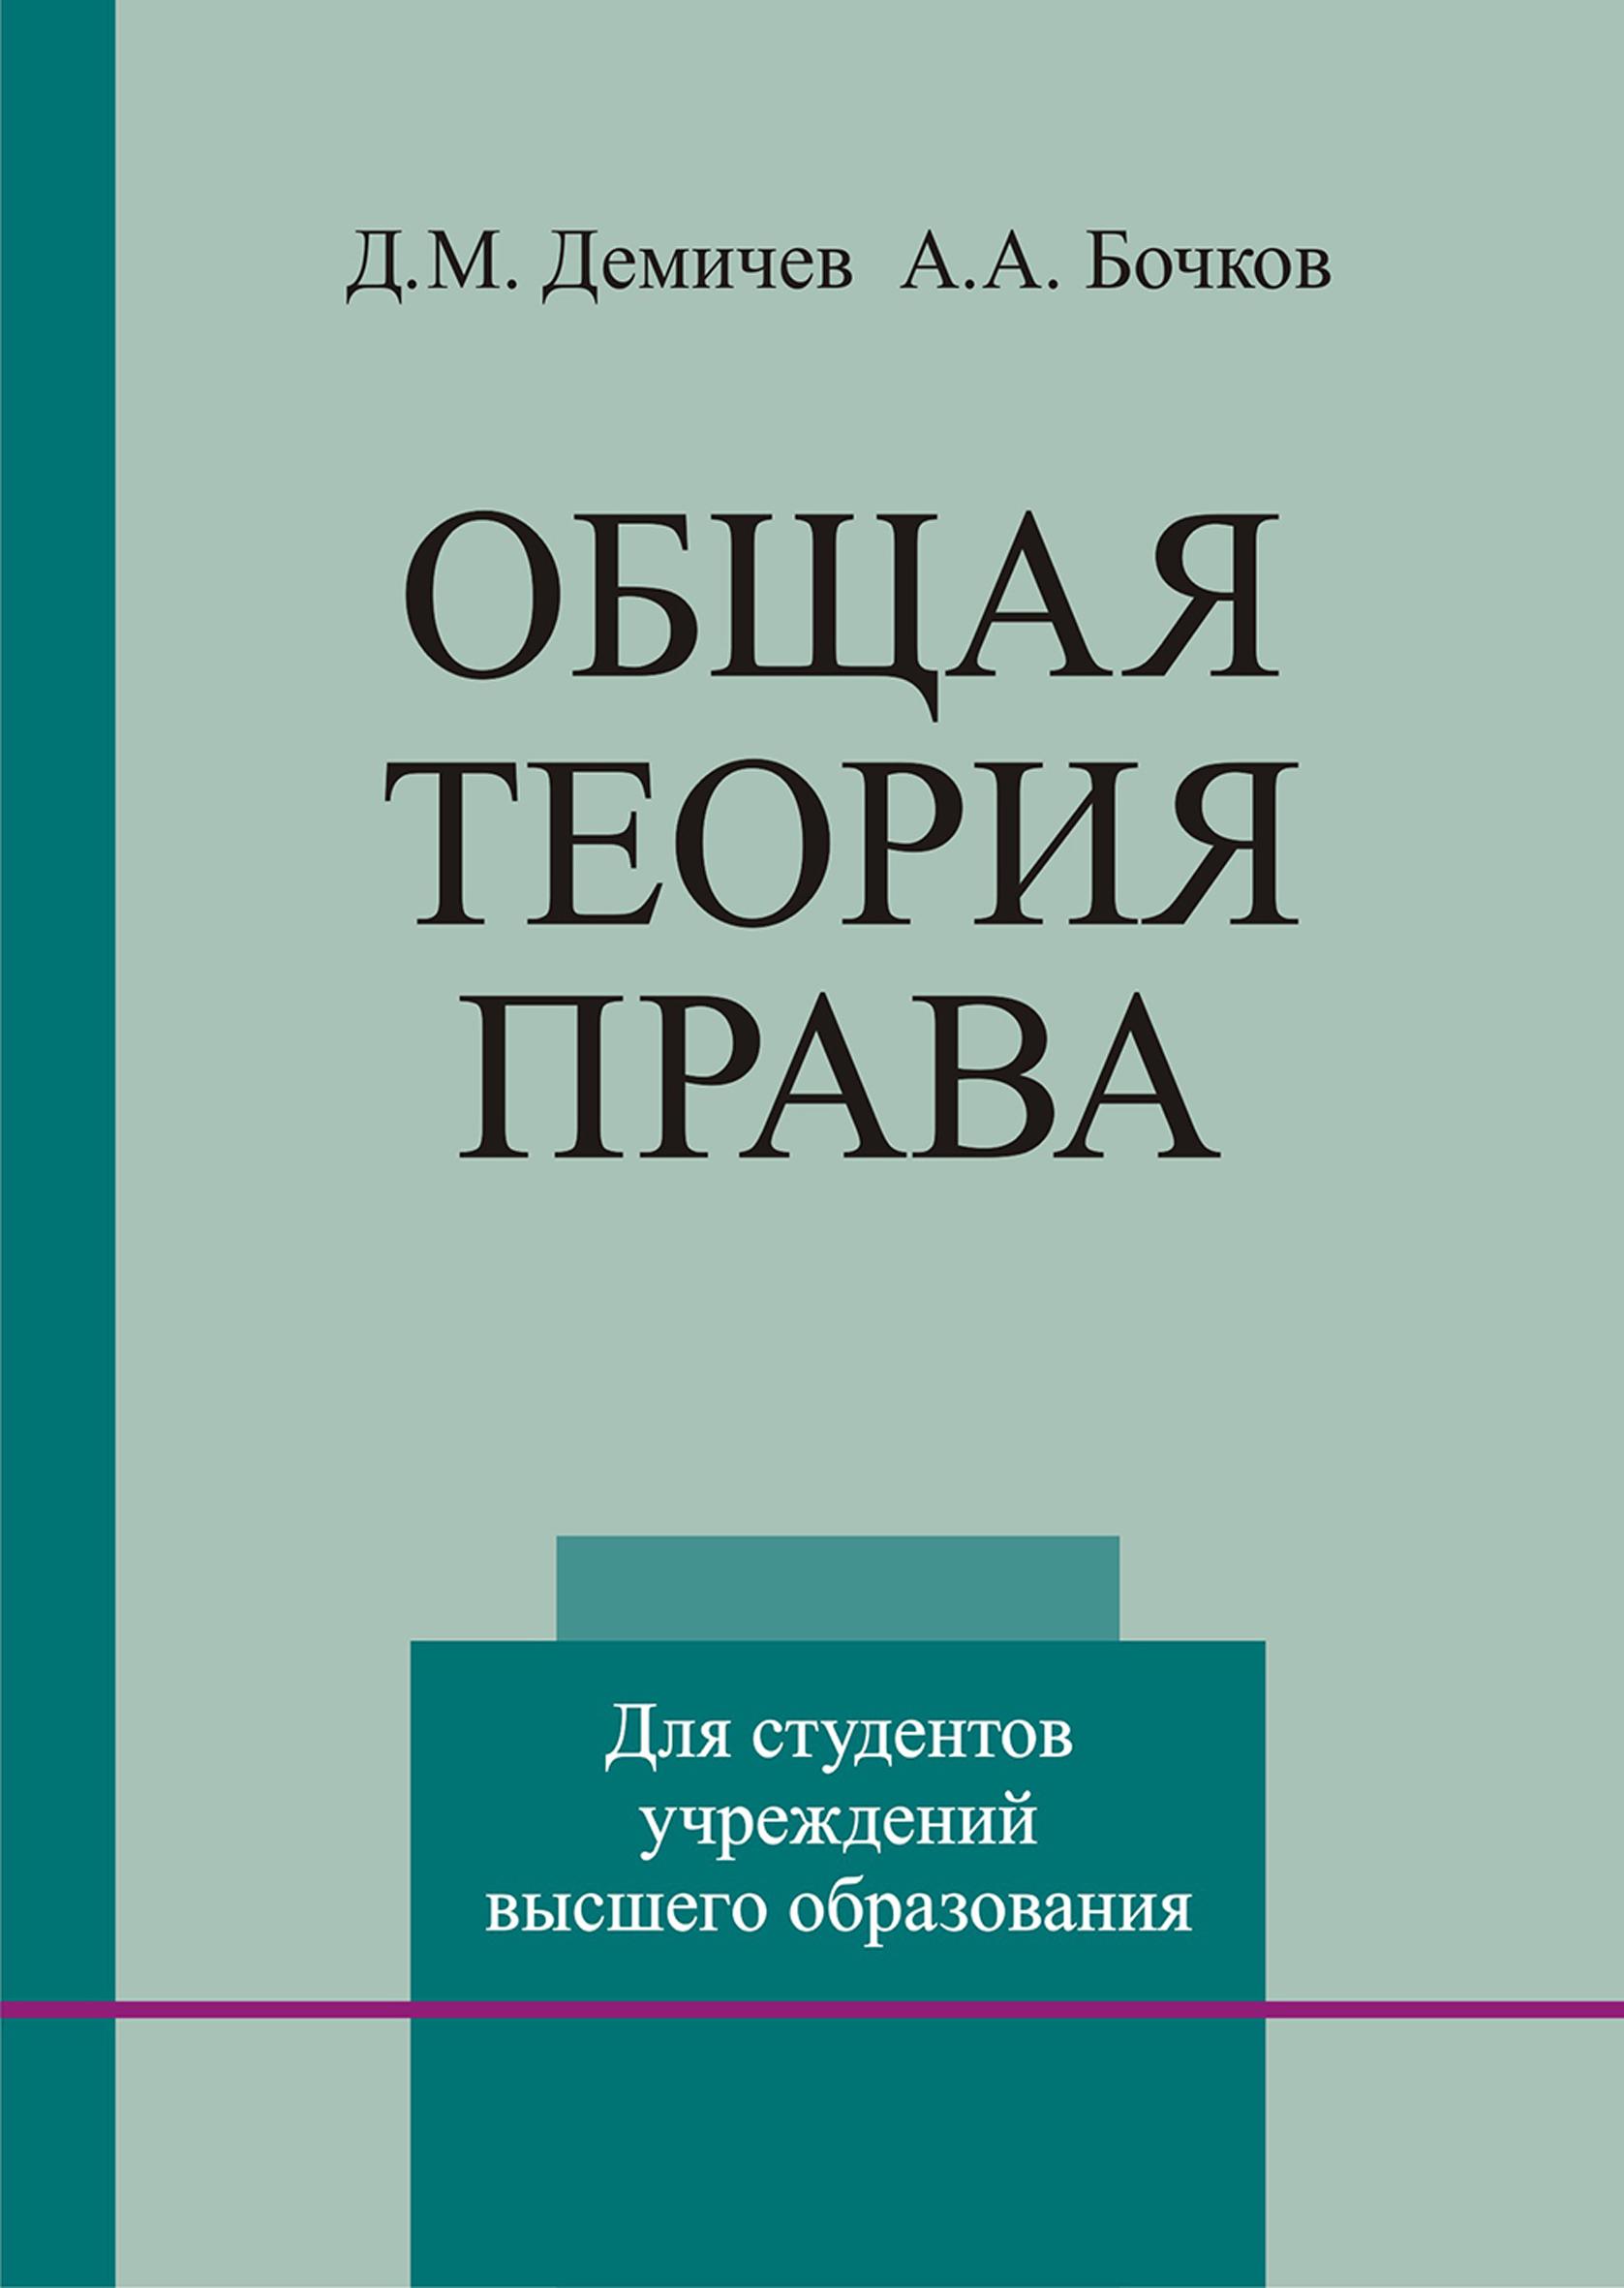 Общая теория права ( Д. М. Демичев  )